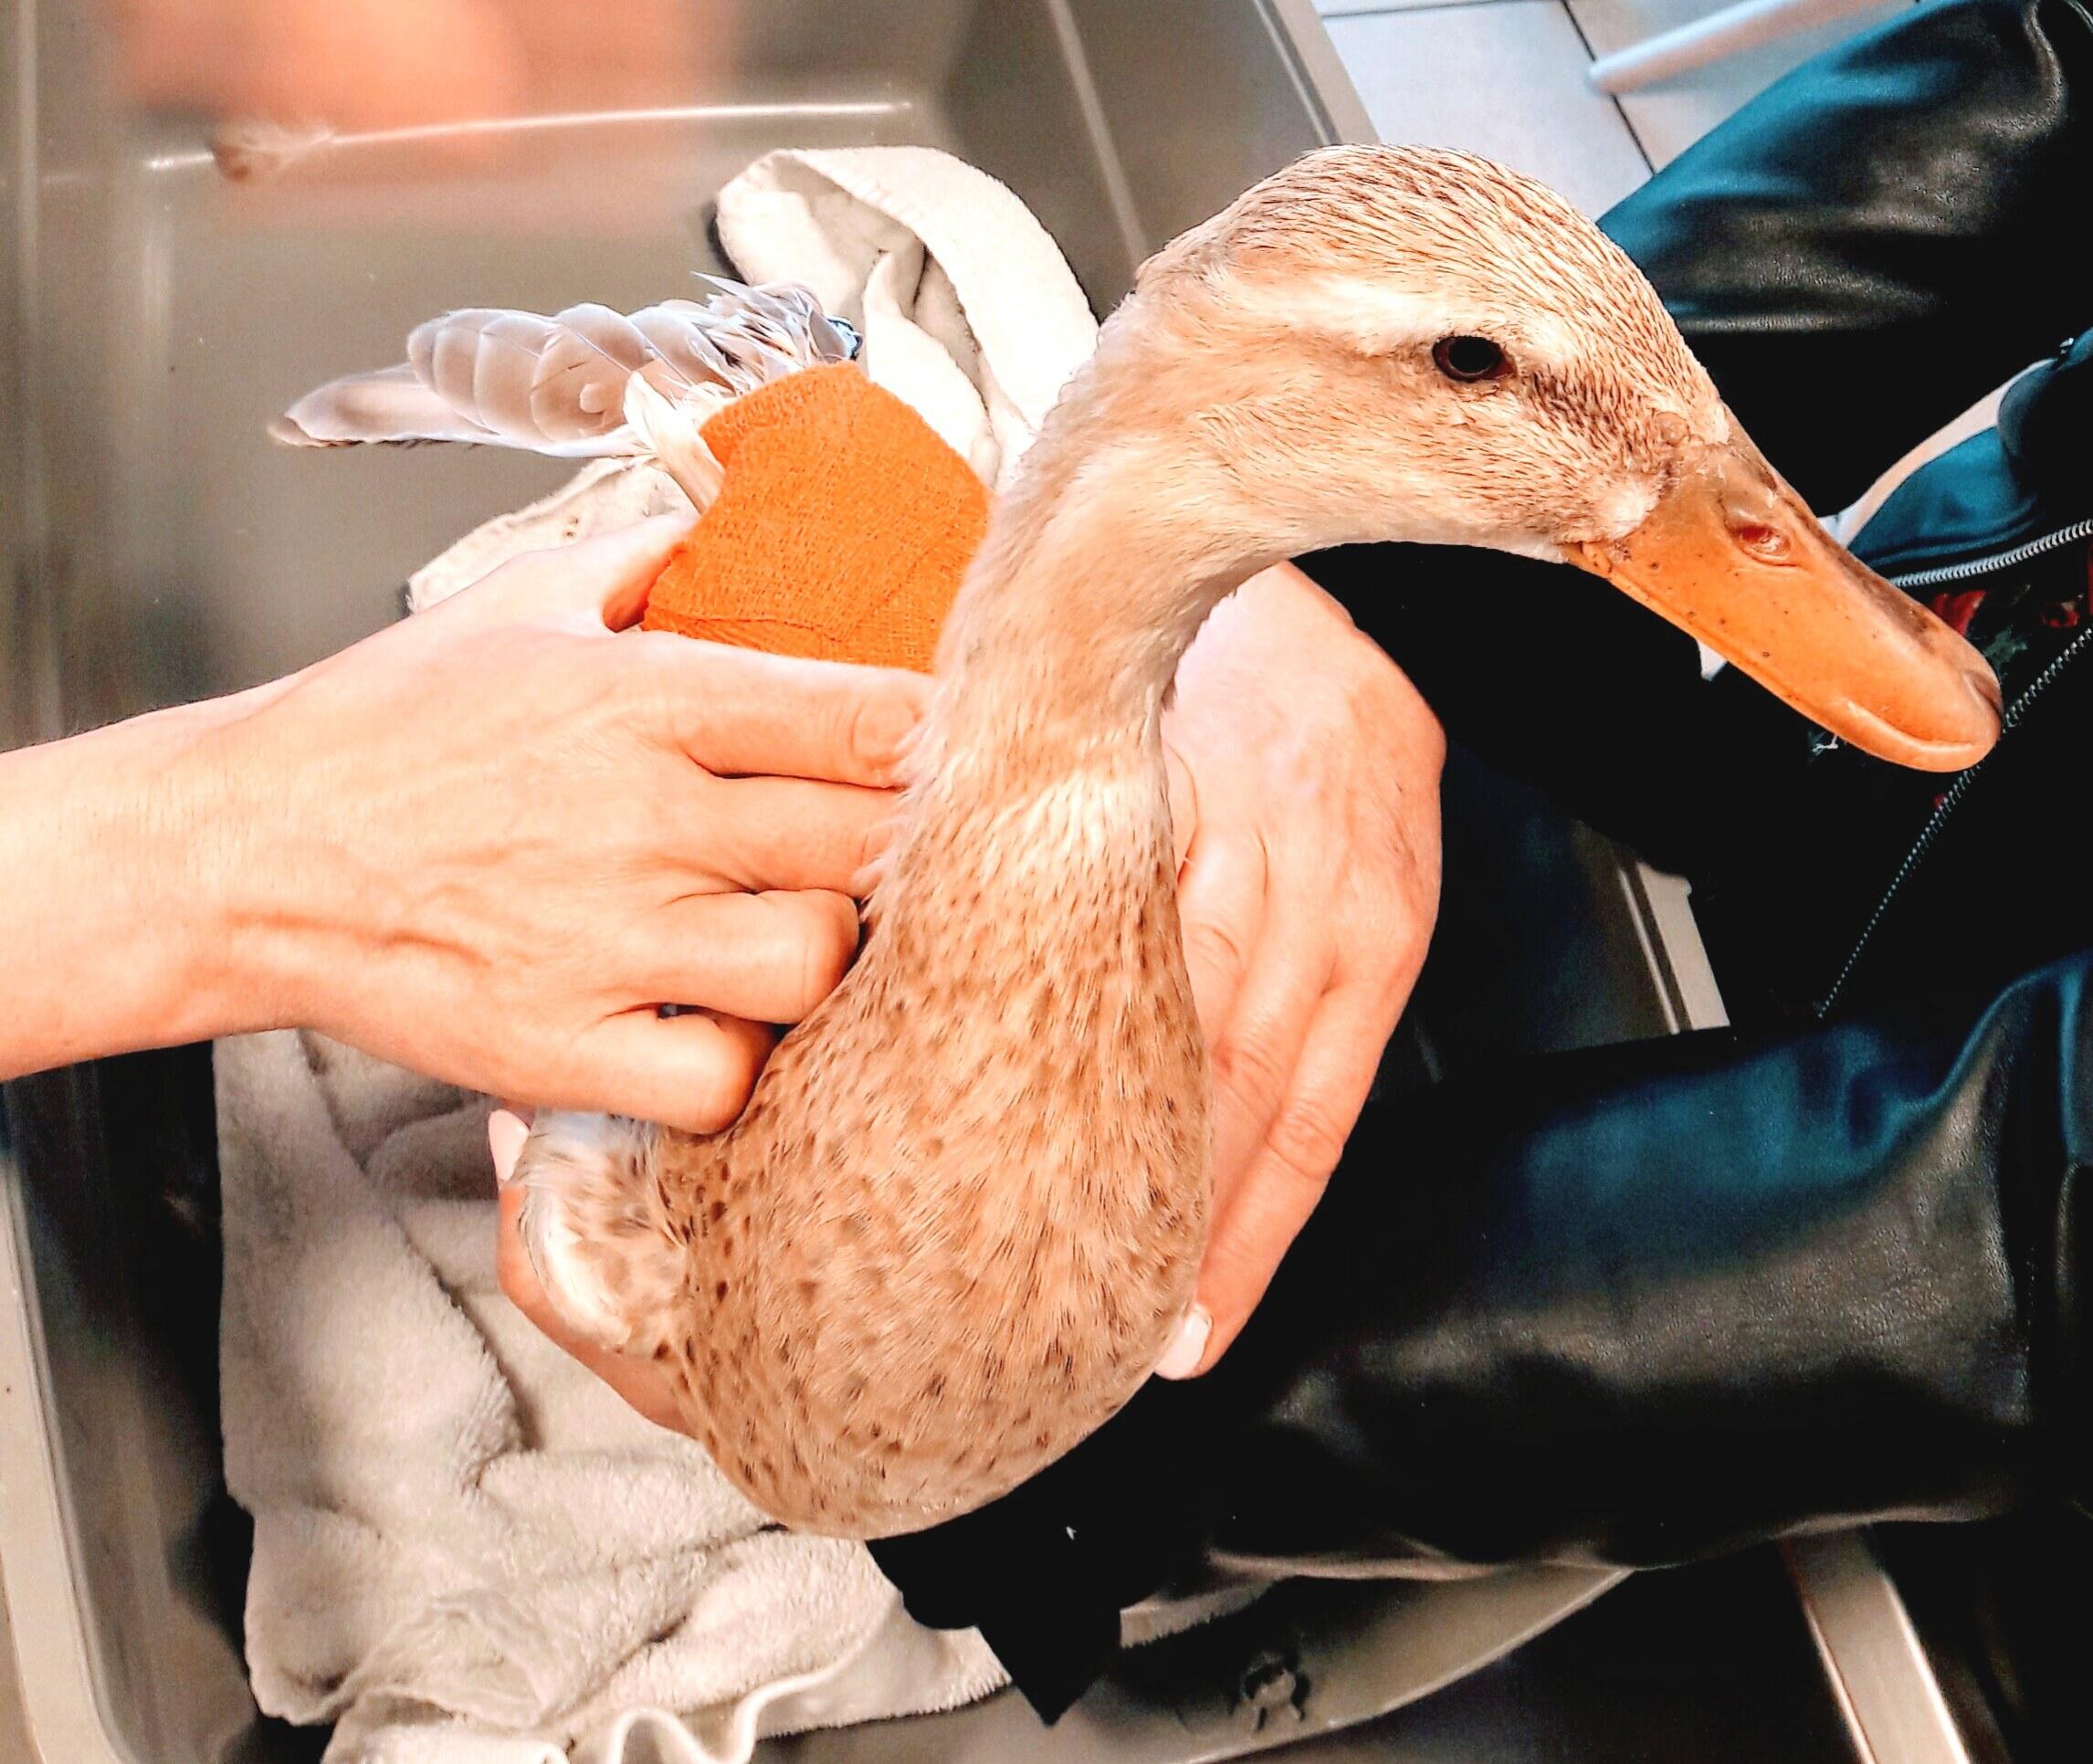 Ente mit Verband auf dem Behandlungstisch beim Tierarzt